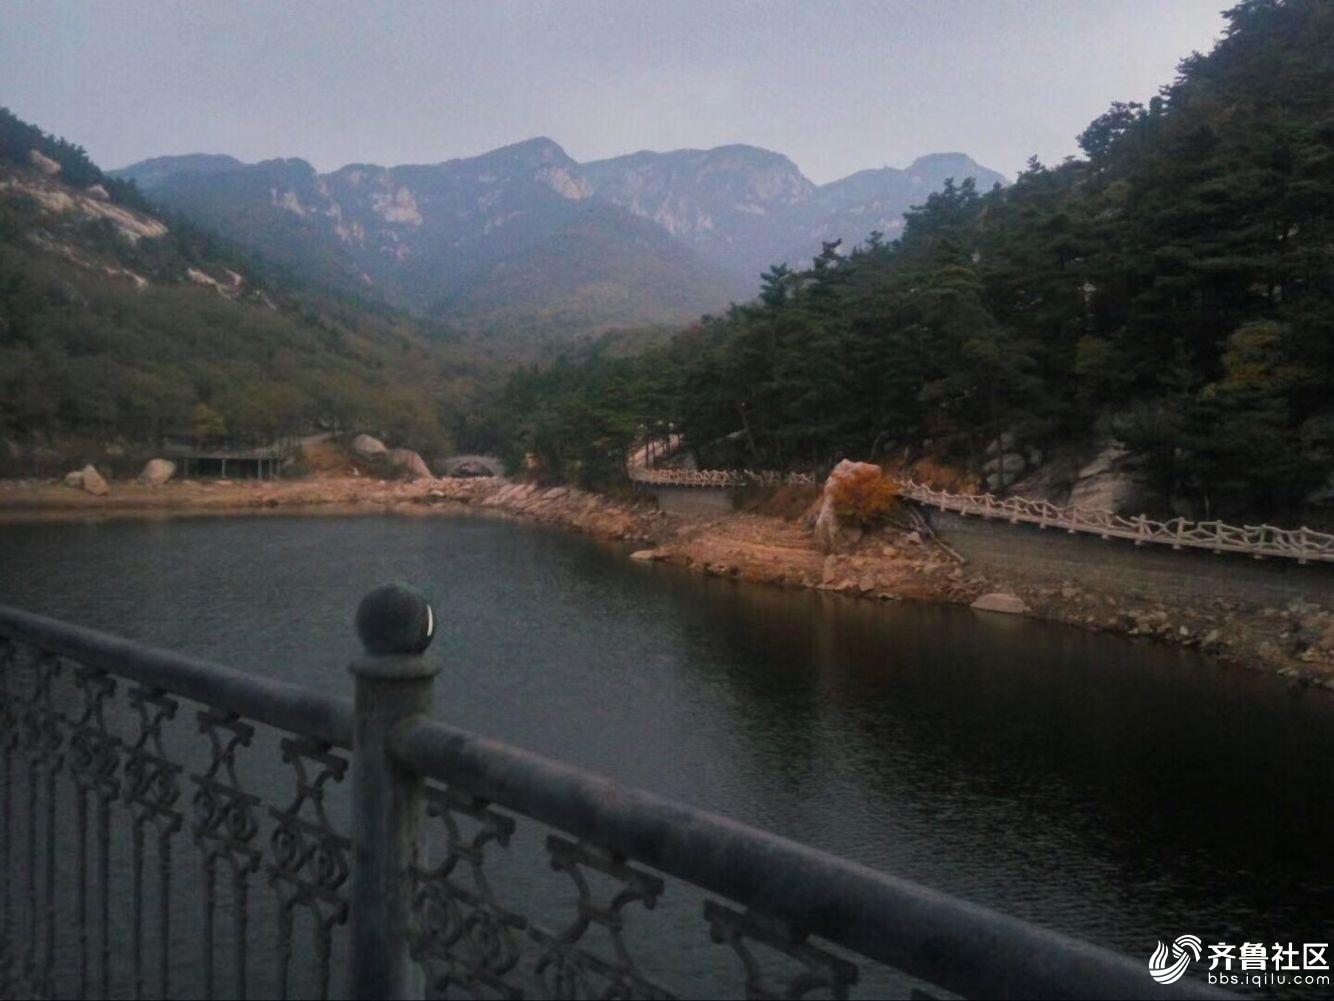 QQ图片20171027105855.jpg